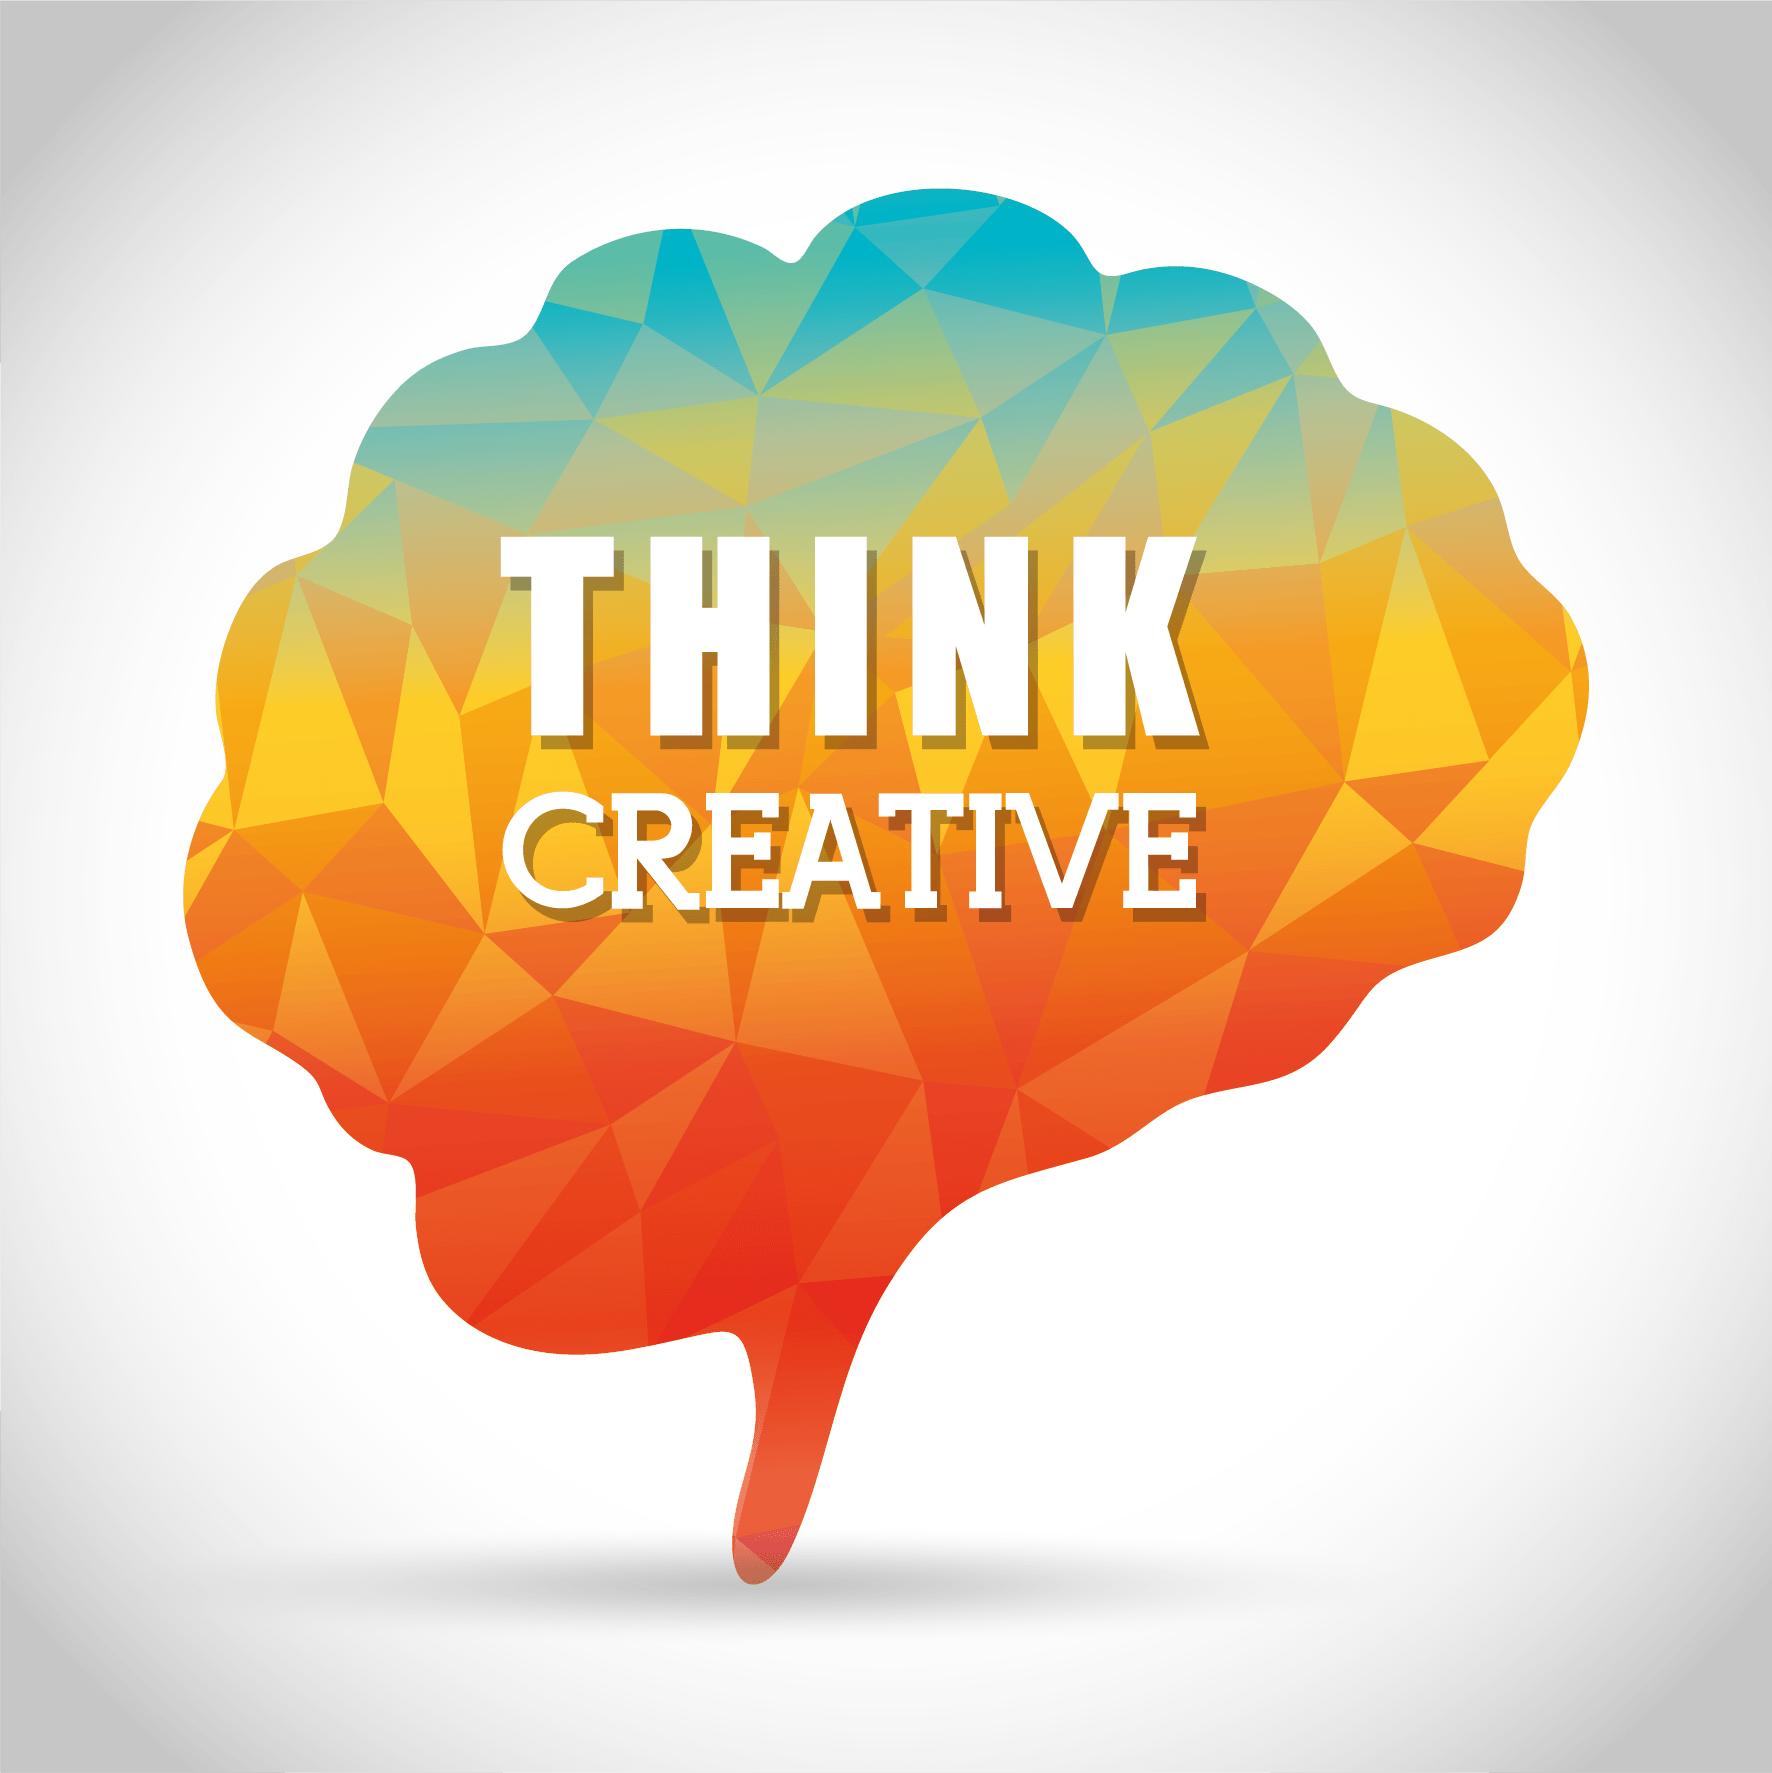 Le Design Thinking au service de la transformation numérique